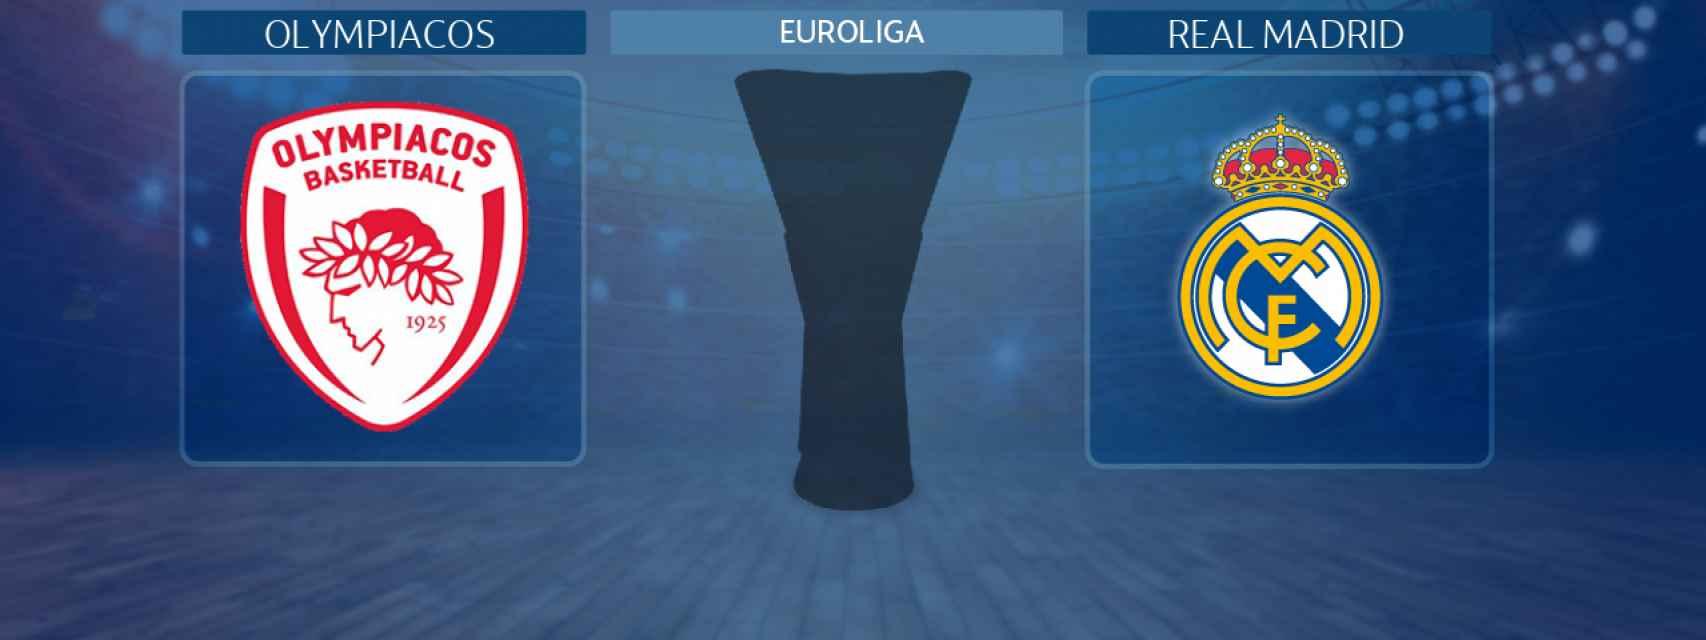 Olympiacos - Real Madrid, partido de la Euroliga